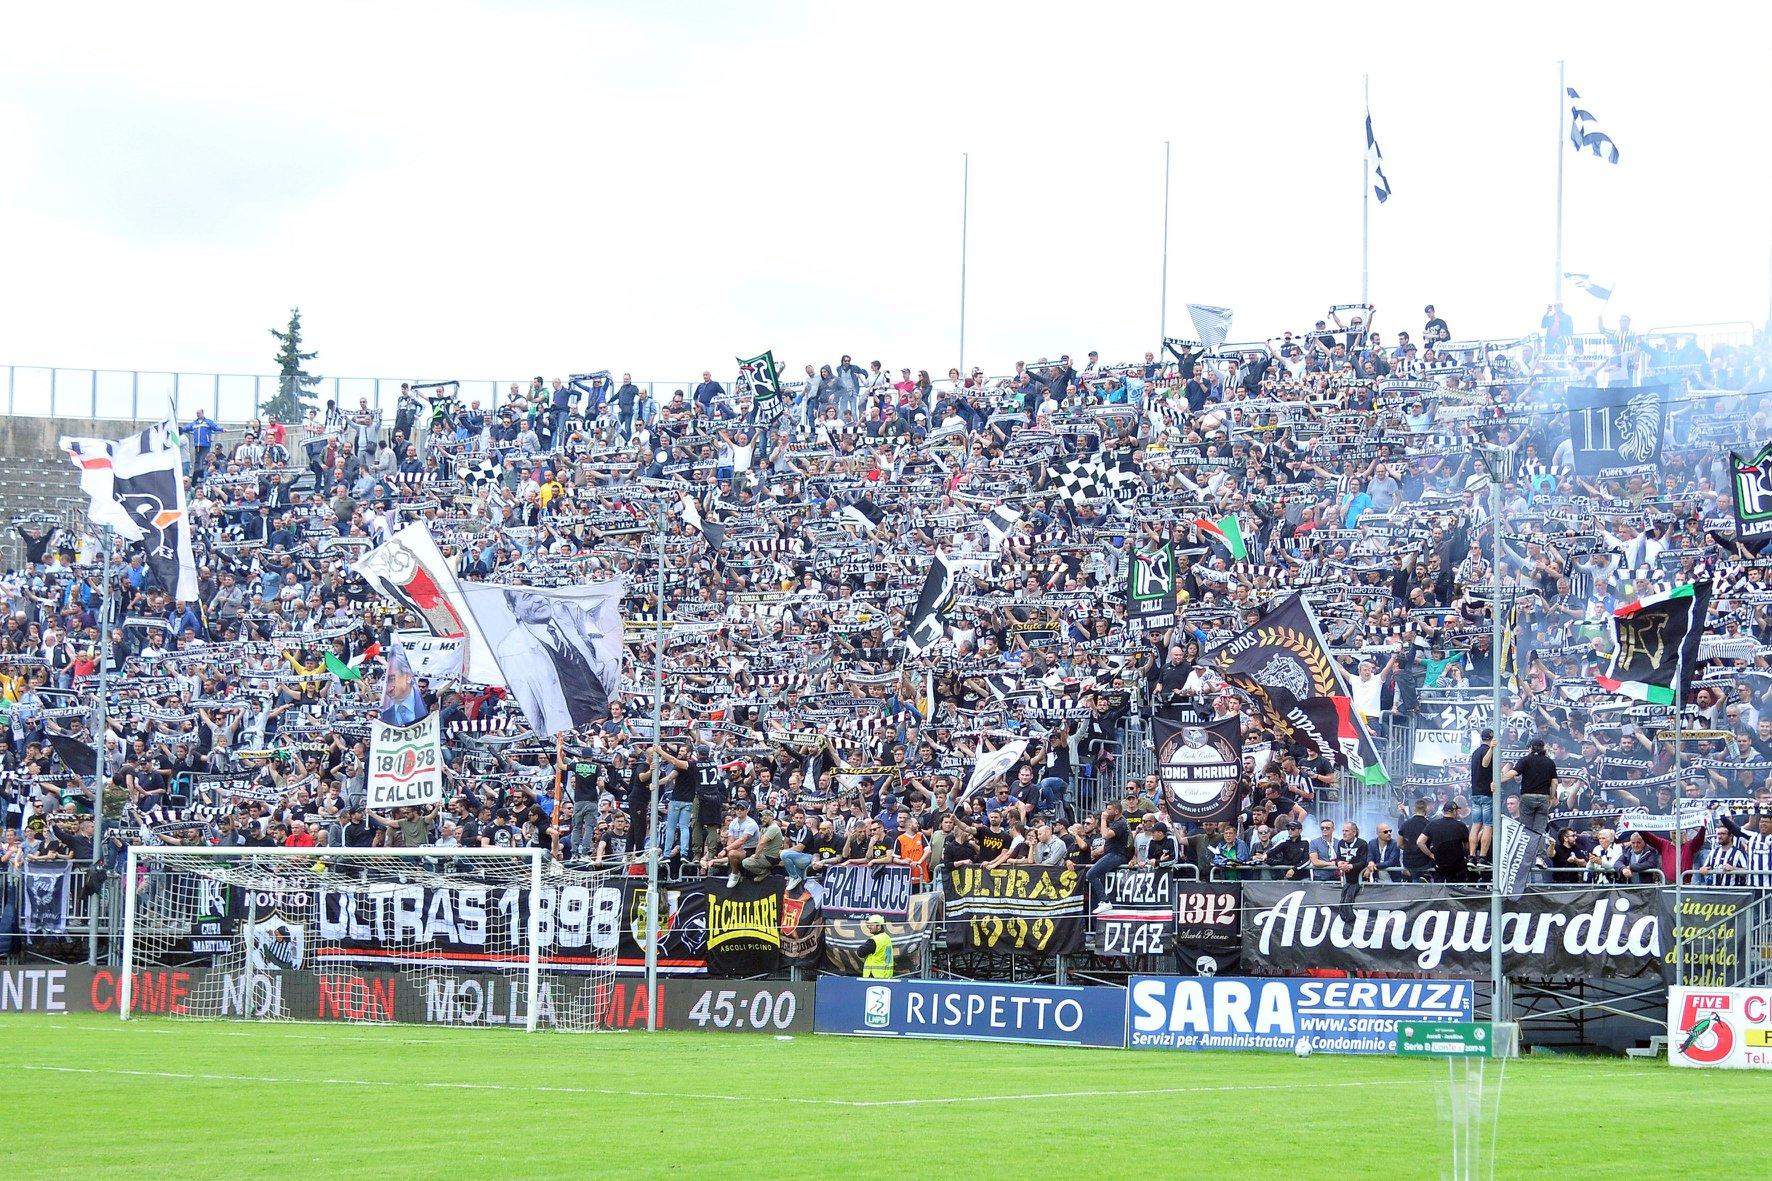 Serie B: Ascoli-Entella termina in pareggio, piceni salvi